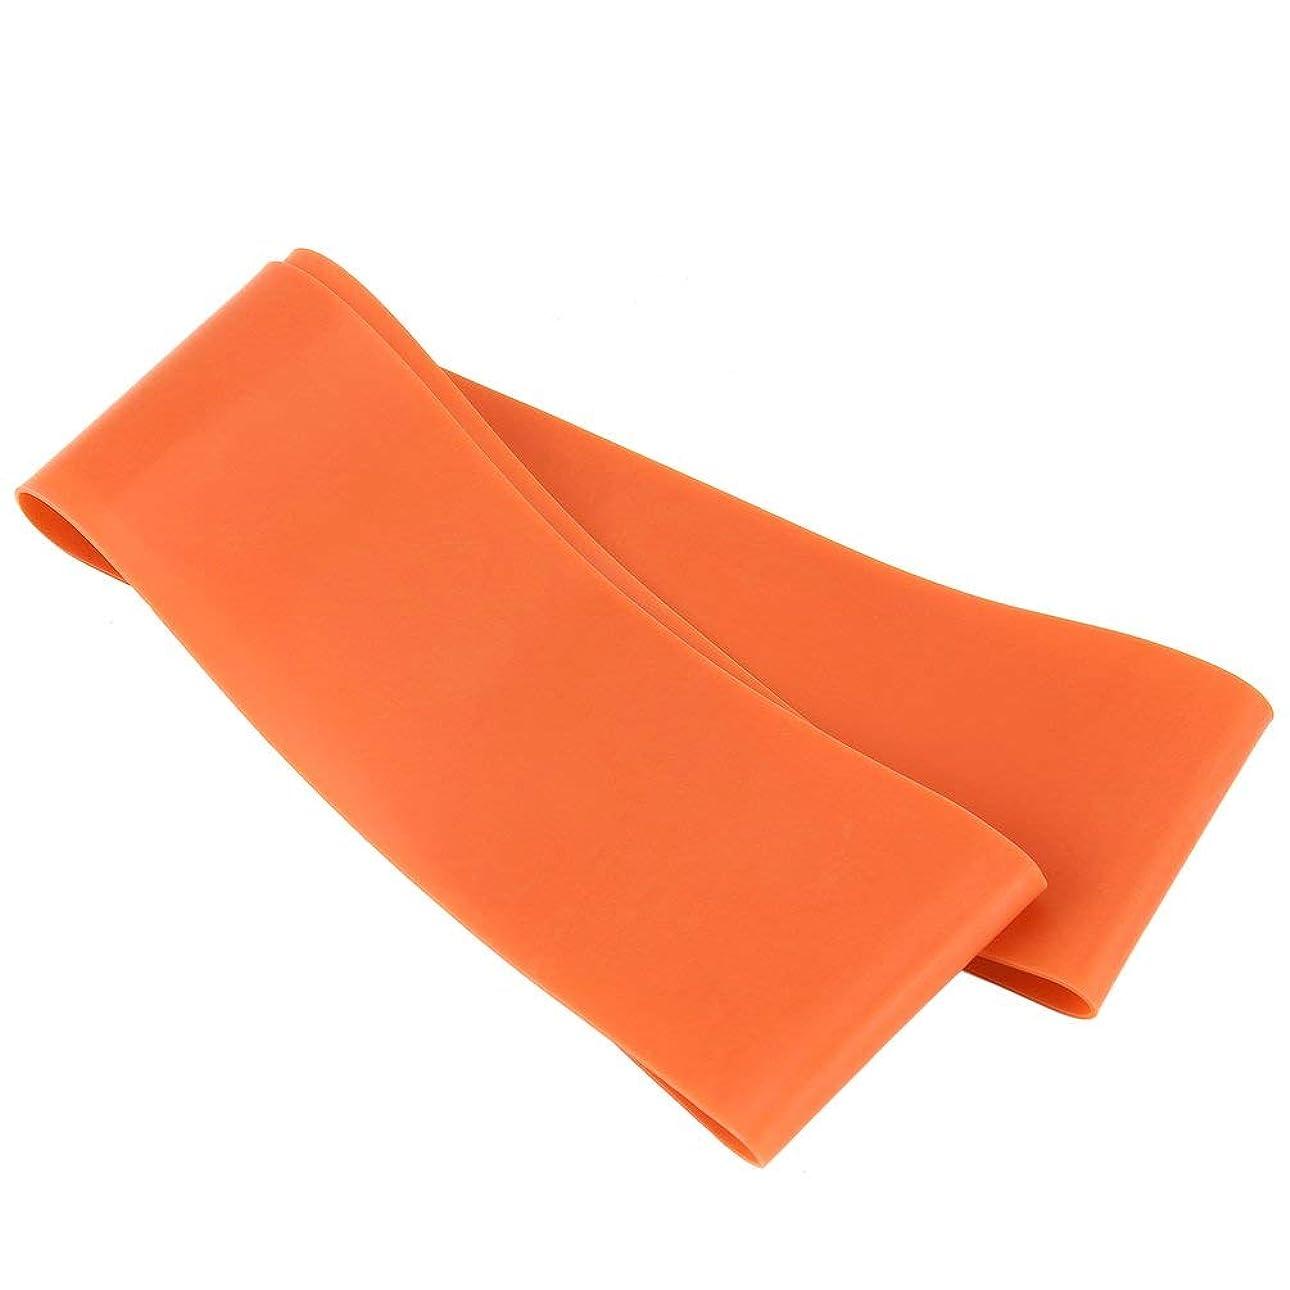 乳製品強大な大脳滑り止めの伸縮性のあるゴム製伸縮性がある伸縮性があるヨガベルトバンド引きロープの張力抵抗バンドループ強度のためのフィットネスヨガツール - オレンジ